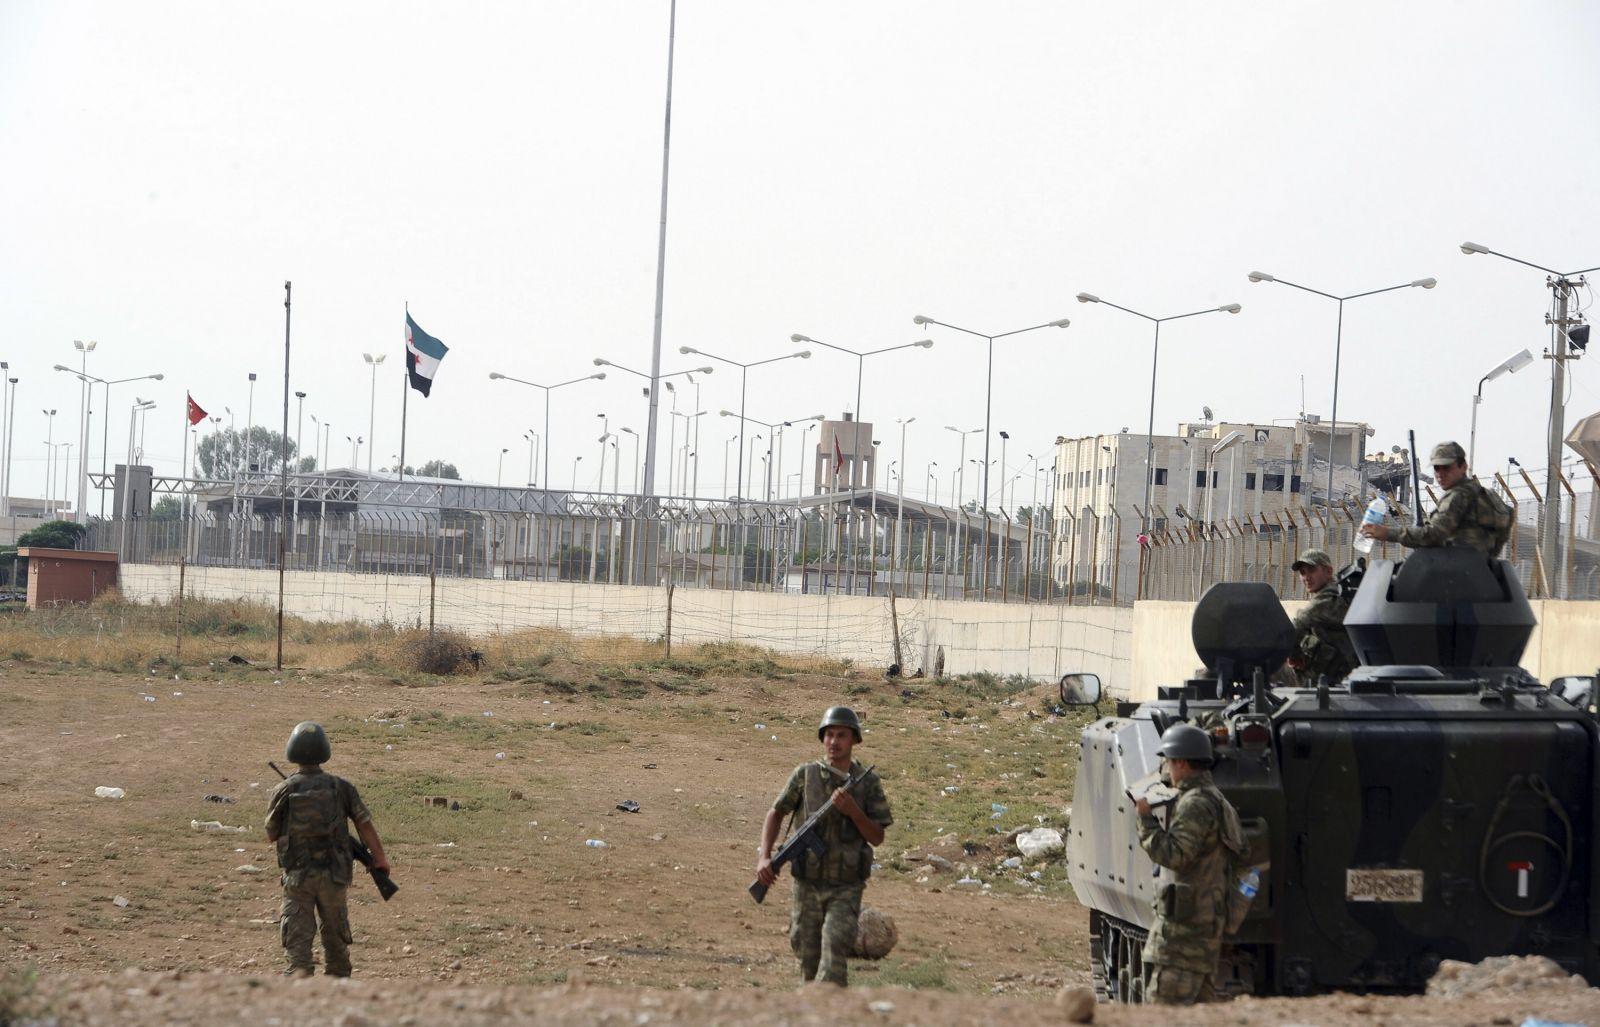 Двое таджиков задержаны в Турции по подозрению в незаконном пересечении границы с Сирией